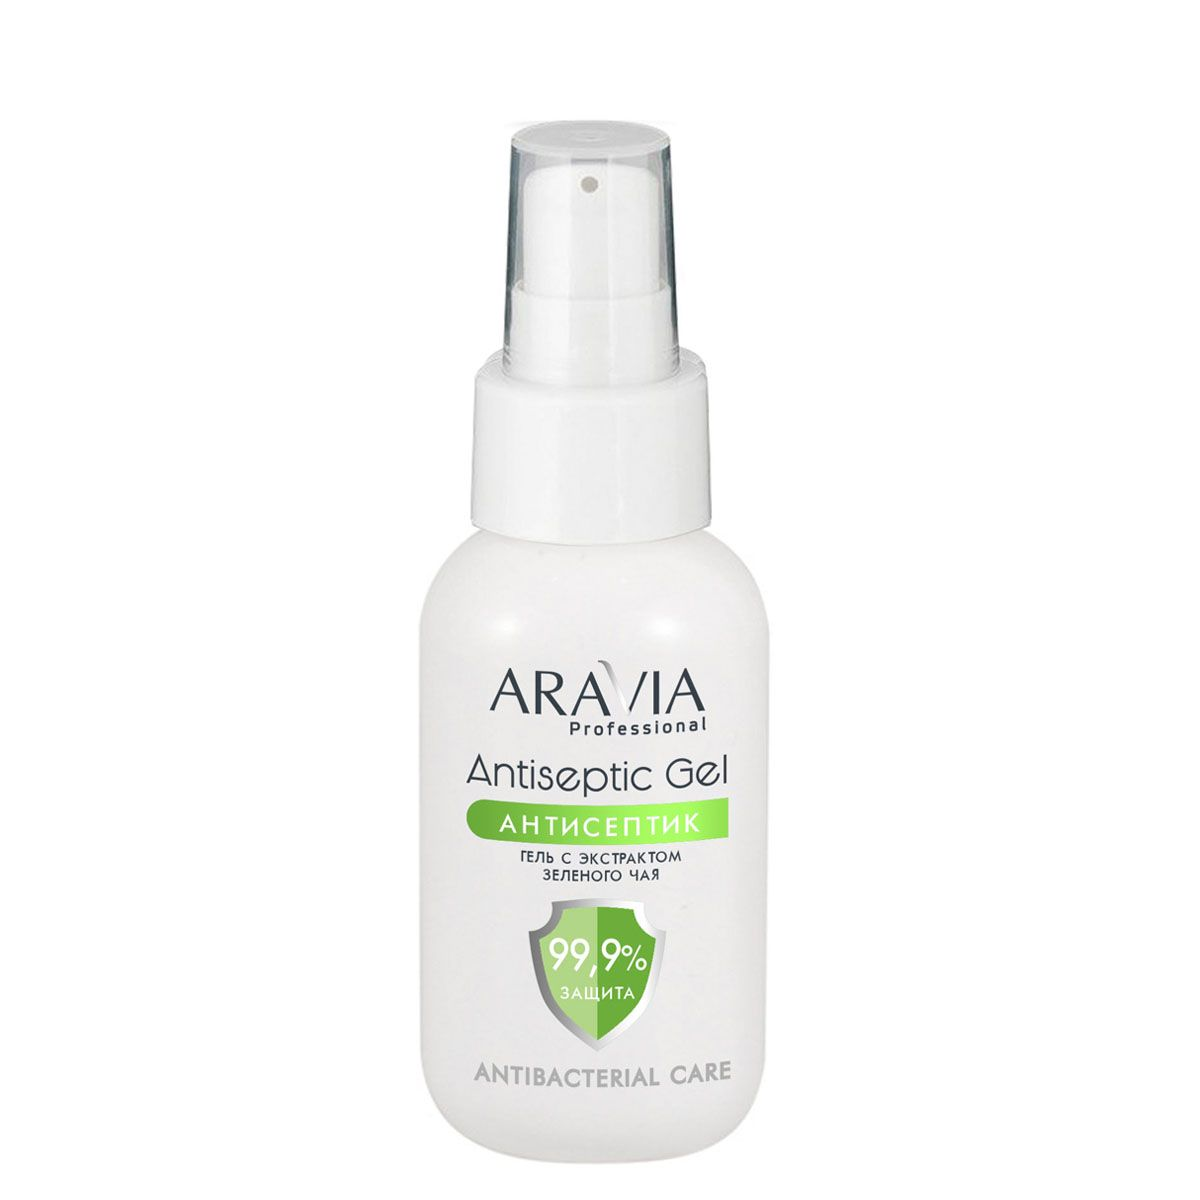 ARAVIA Гель-антисептик для рук с экстрактом зеленого чая / Antiseptic Gel 50 мл.